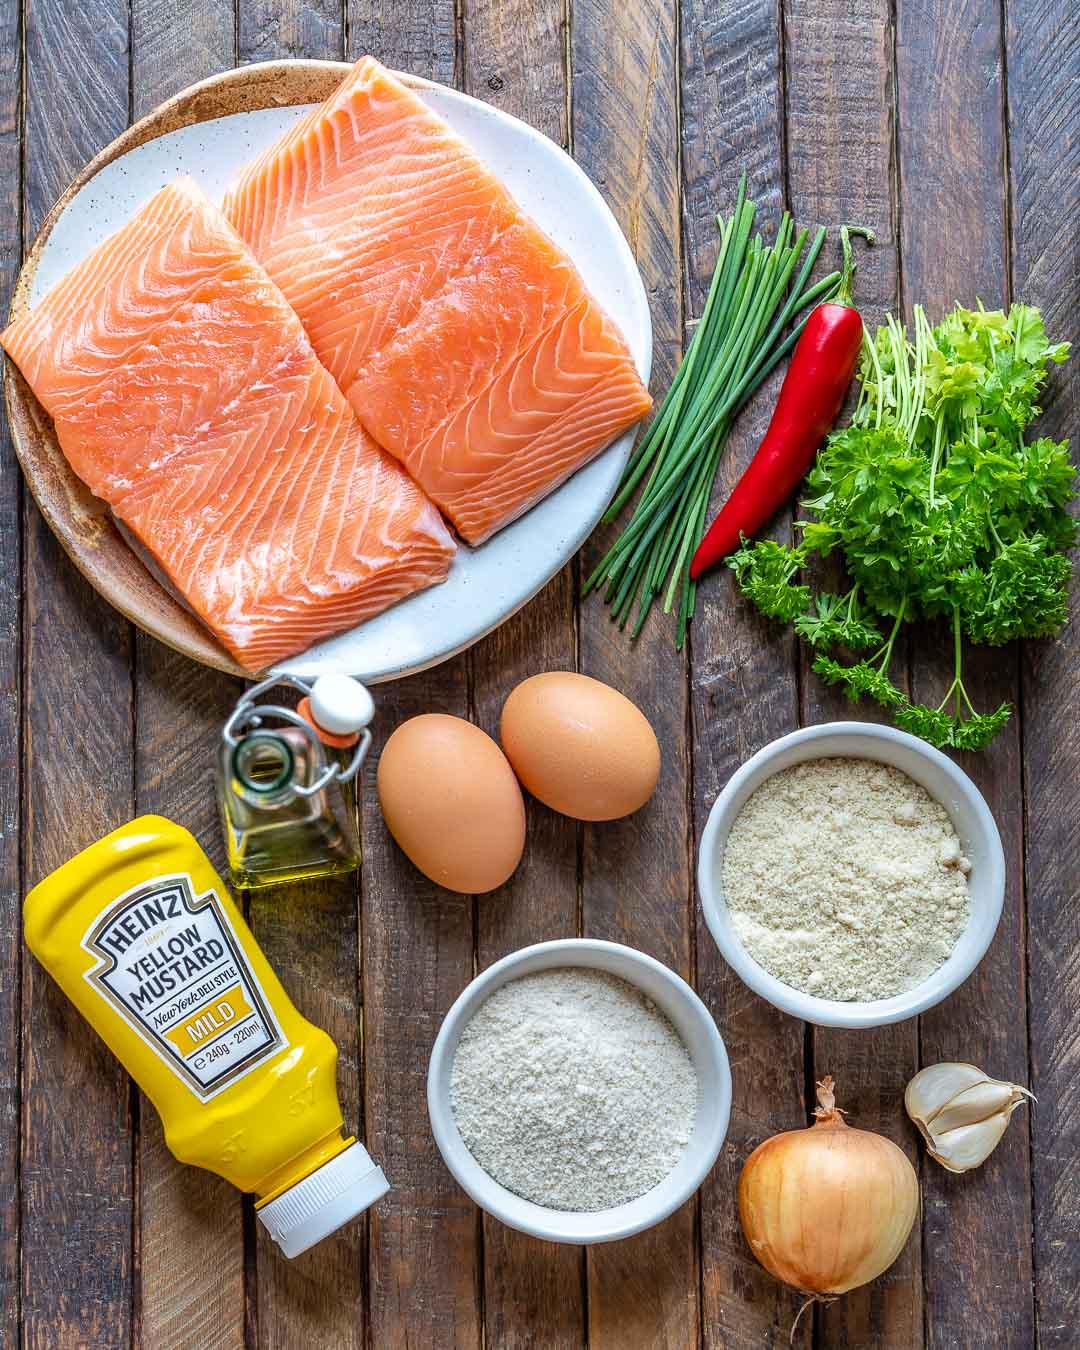 Recette de galettes de saumon faciles 2-Ways (Keto | Gluten-Free | Paleo | Whole30) -3